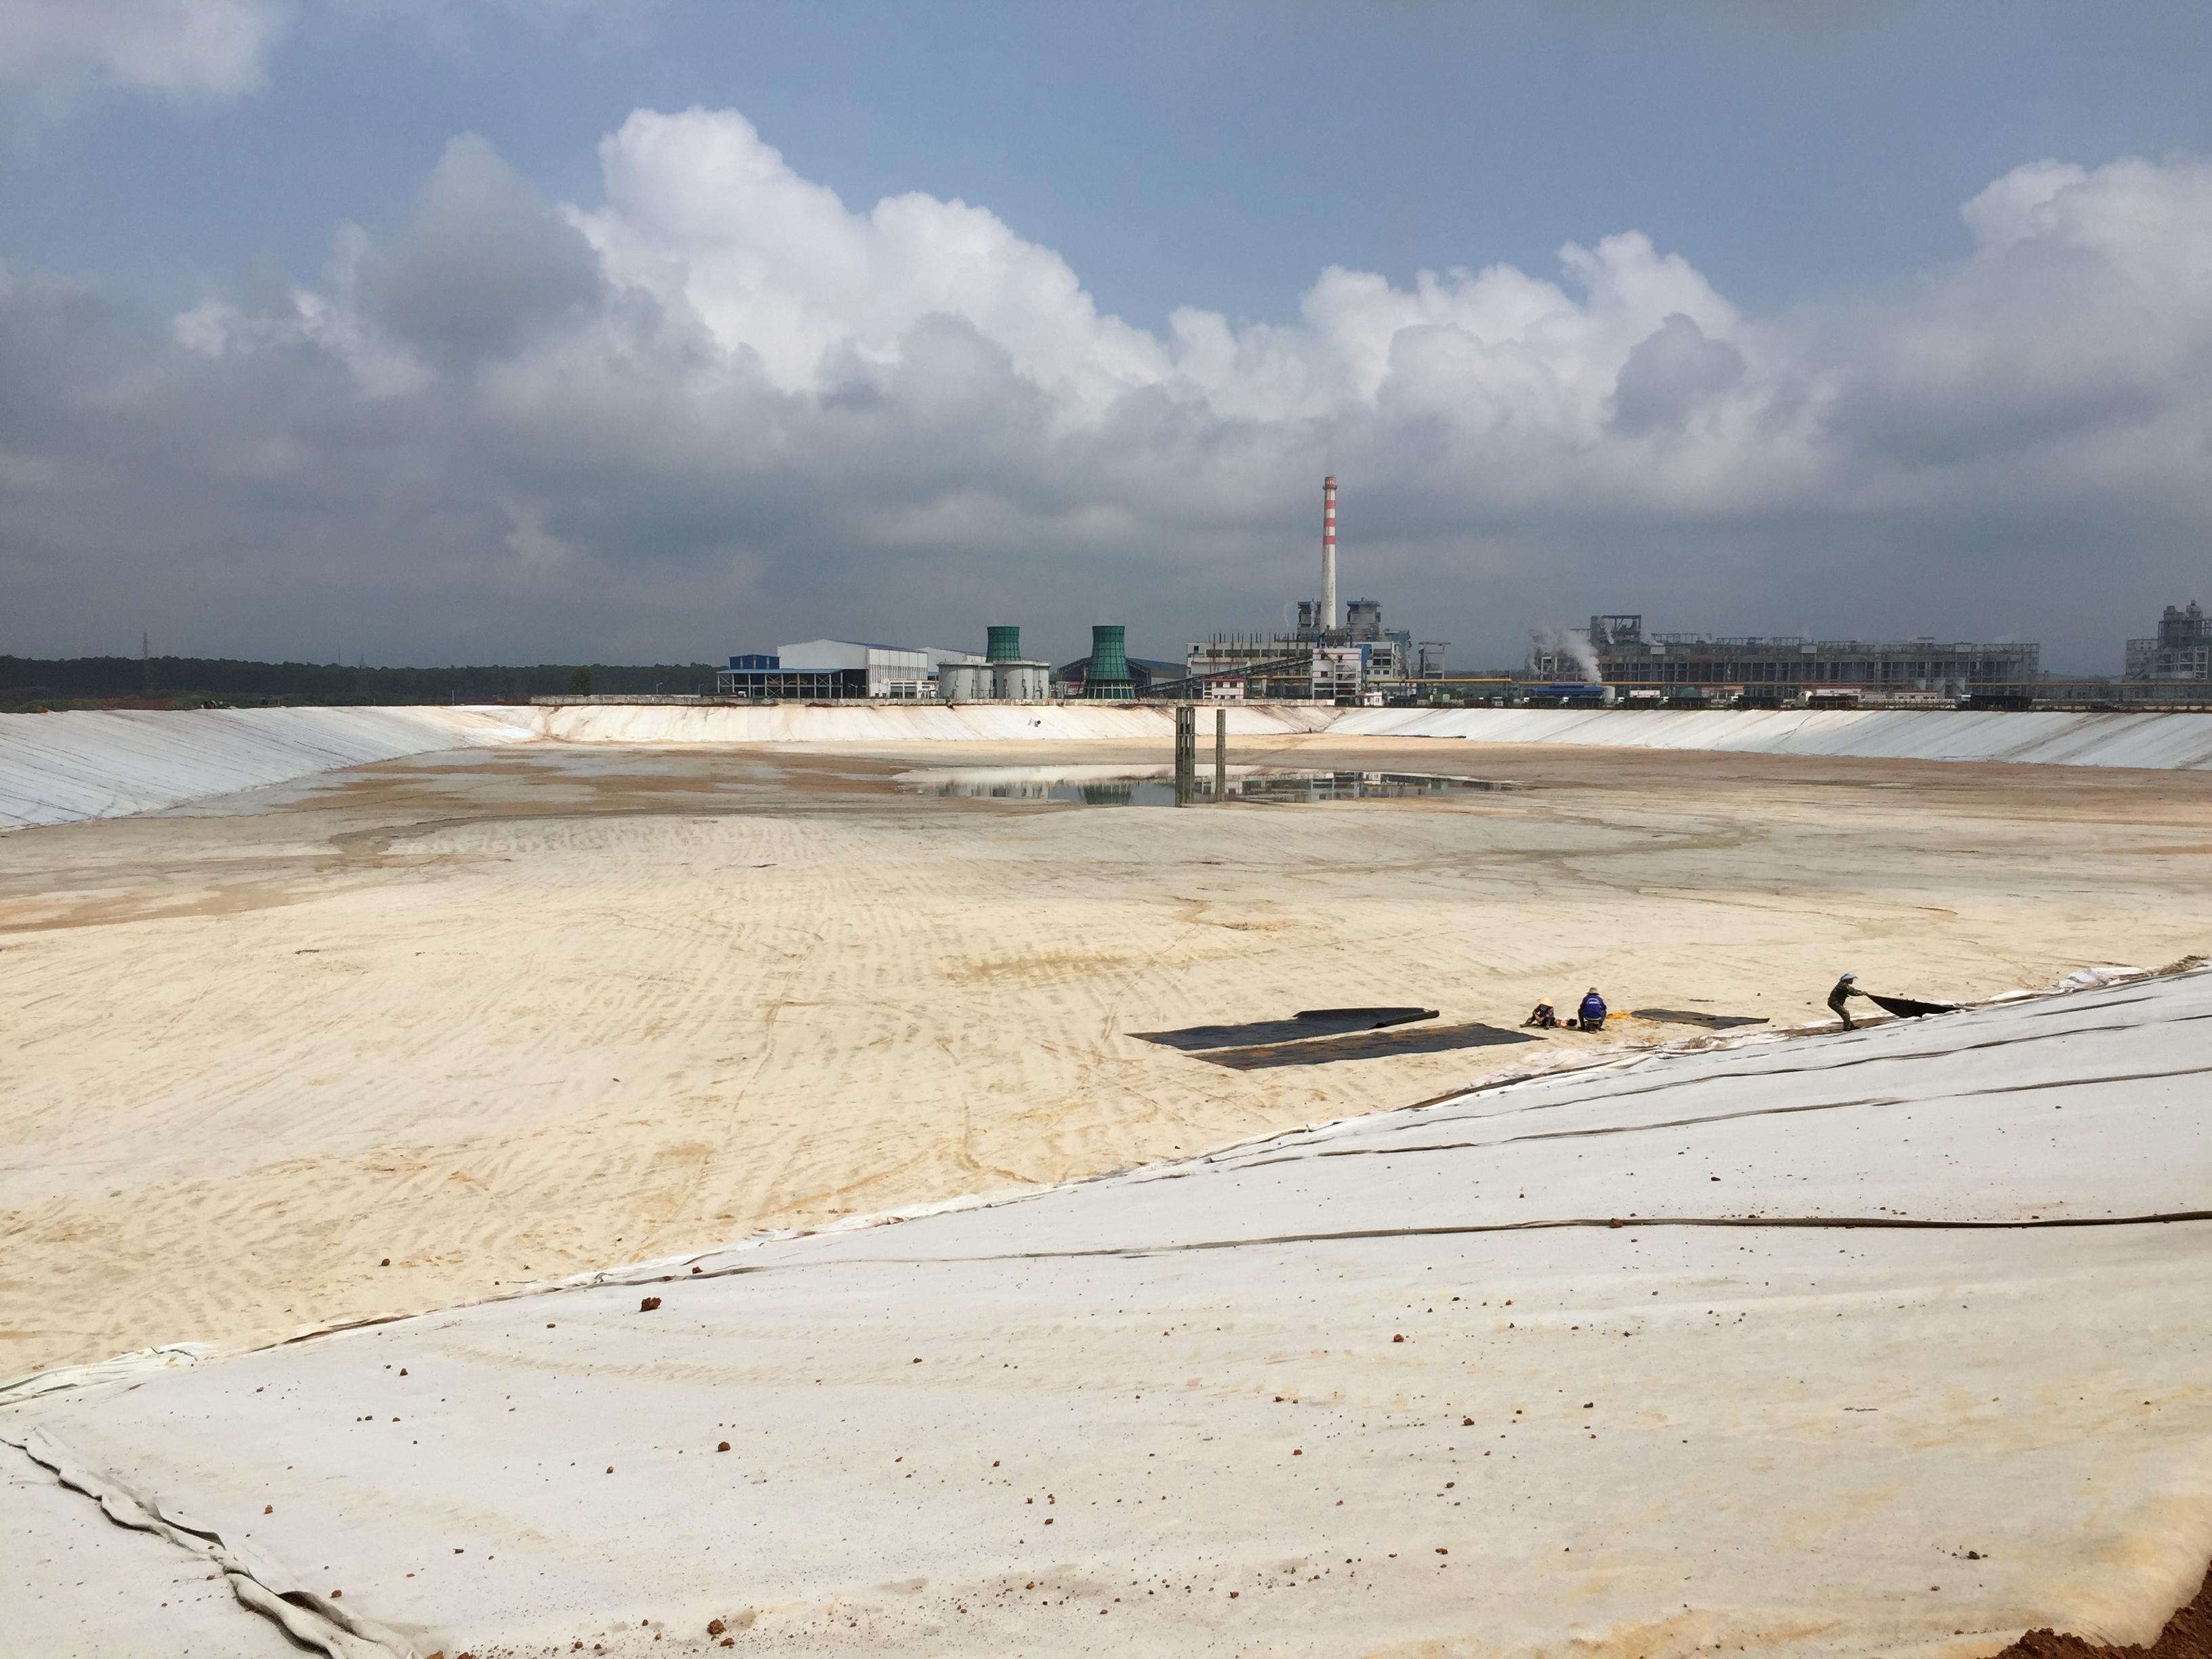 Thi công xây dựng Hồ bùn đỏ thuộc dự án Tổ hợp Bauxit Nhôm Lâm Đồng